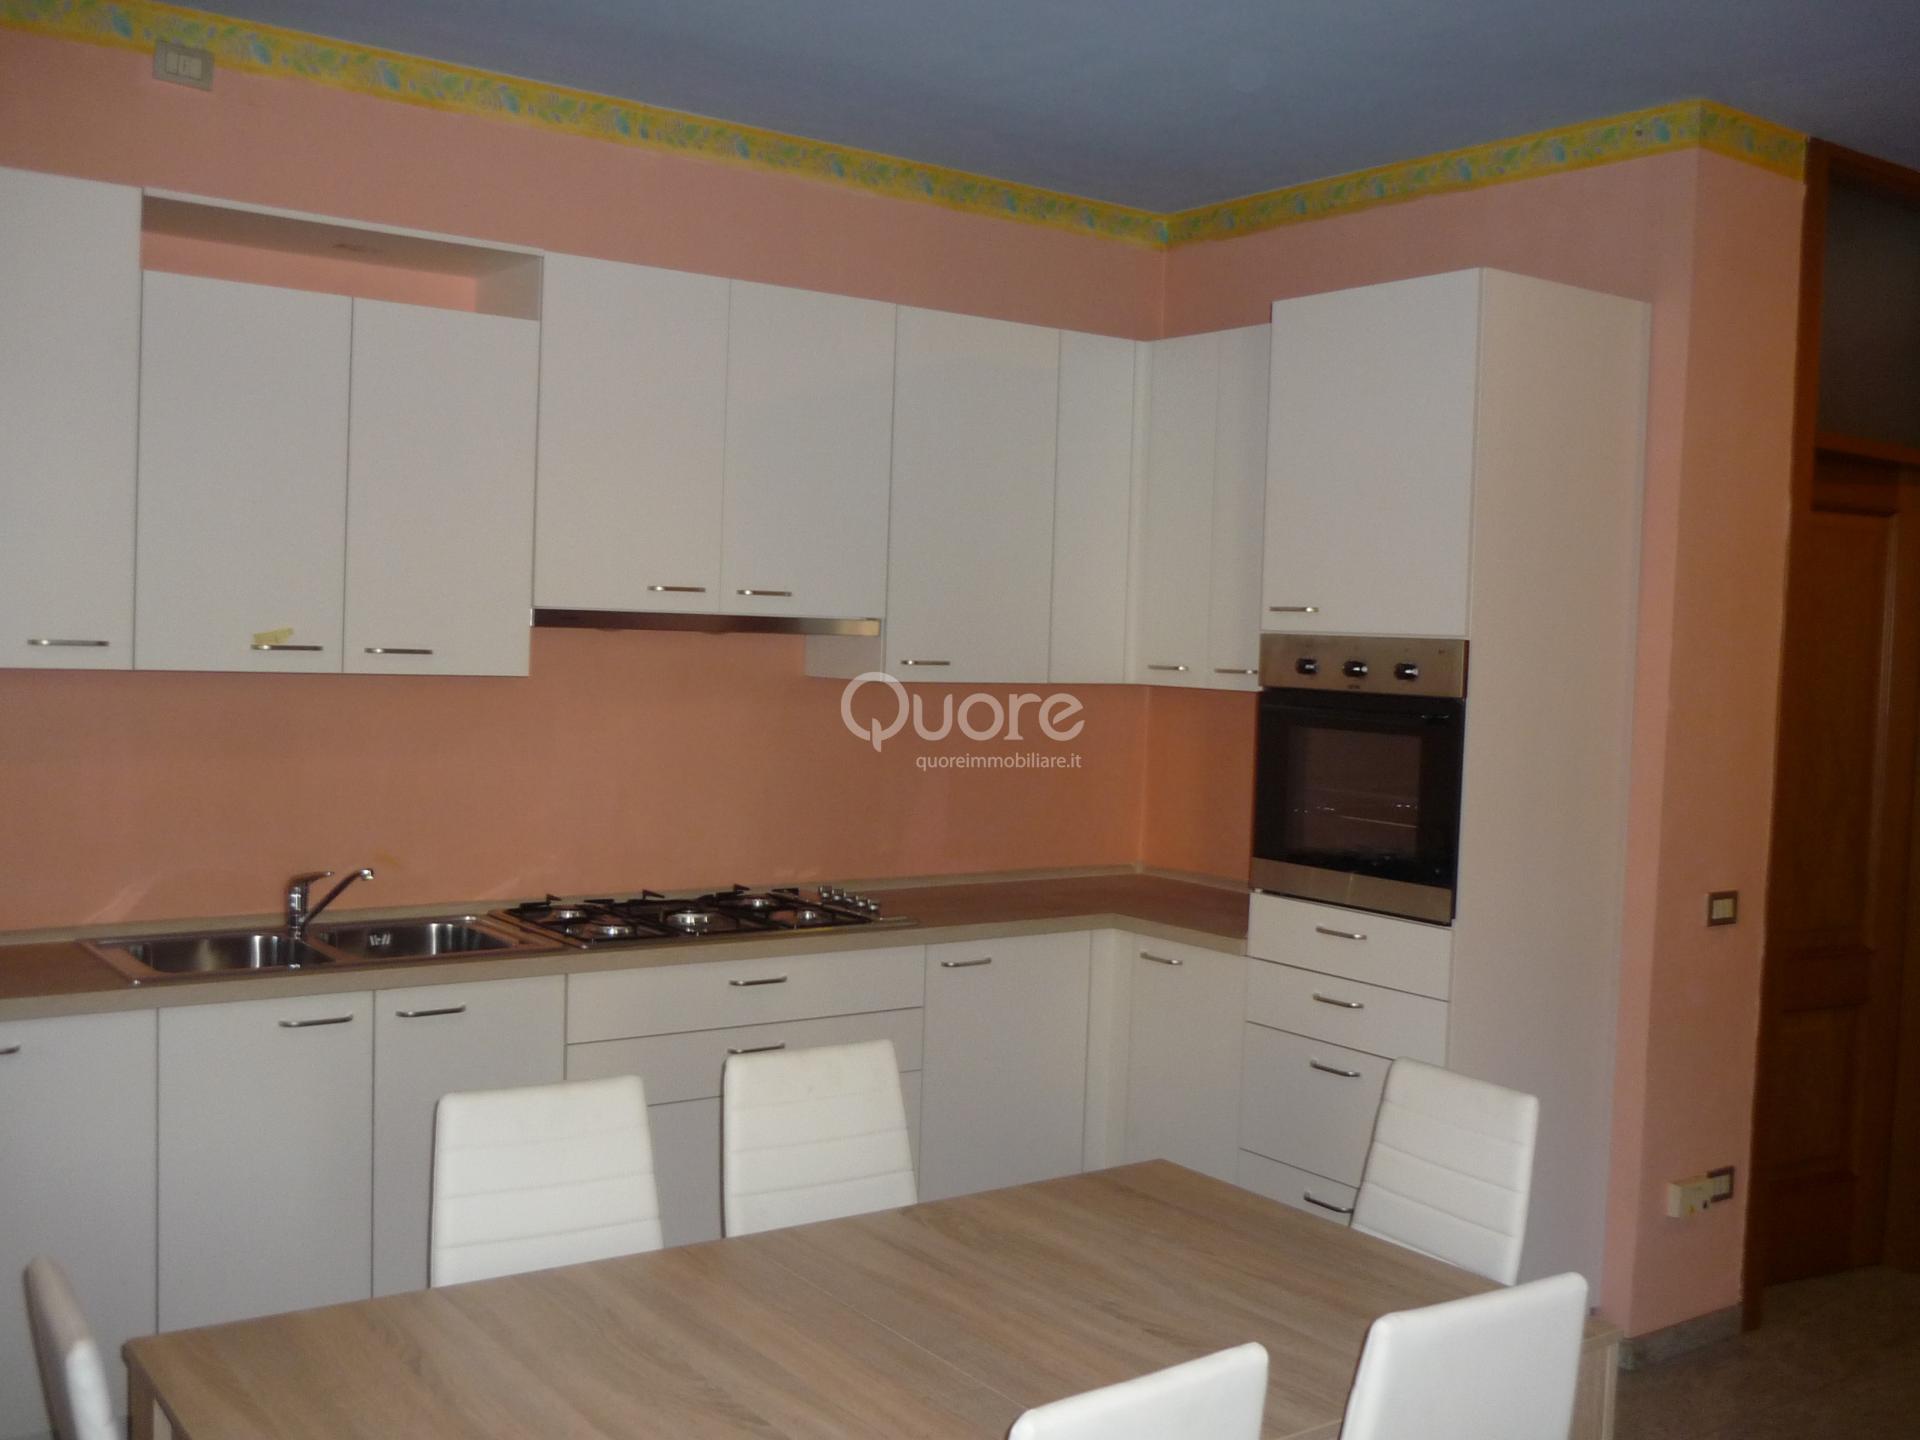 Soluzione Indipendente in affitto a Udine, 3 locali, zona Località: Centrostorico, prezzo € 850 | CambioCasa.it